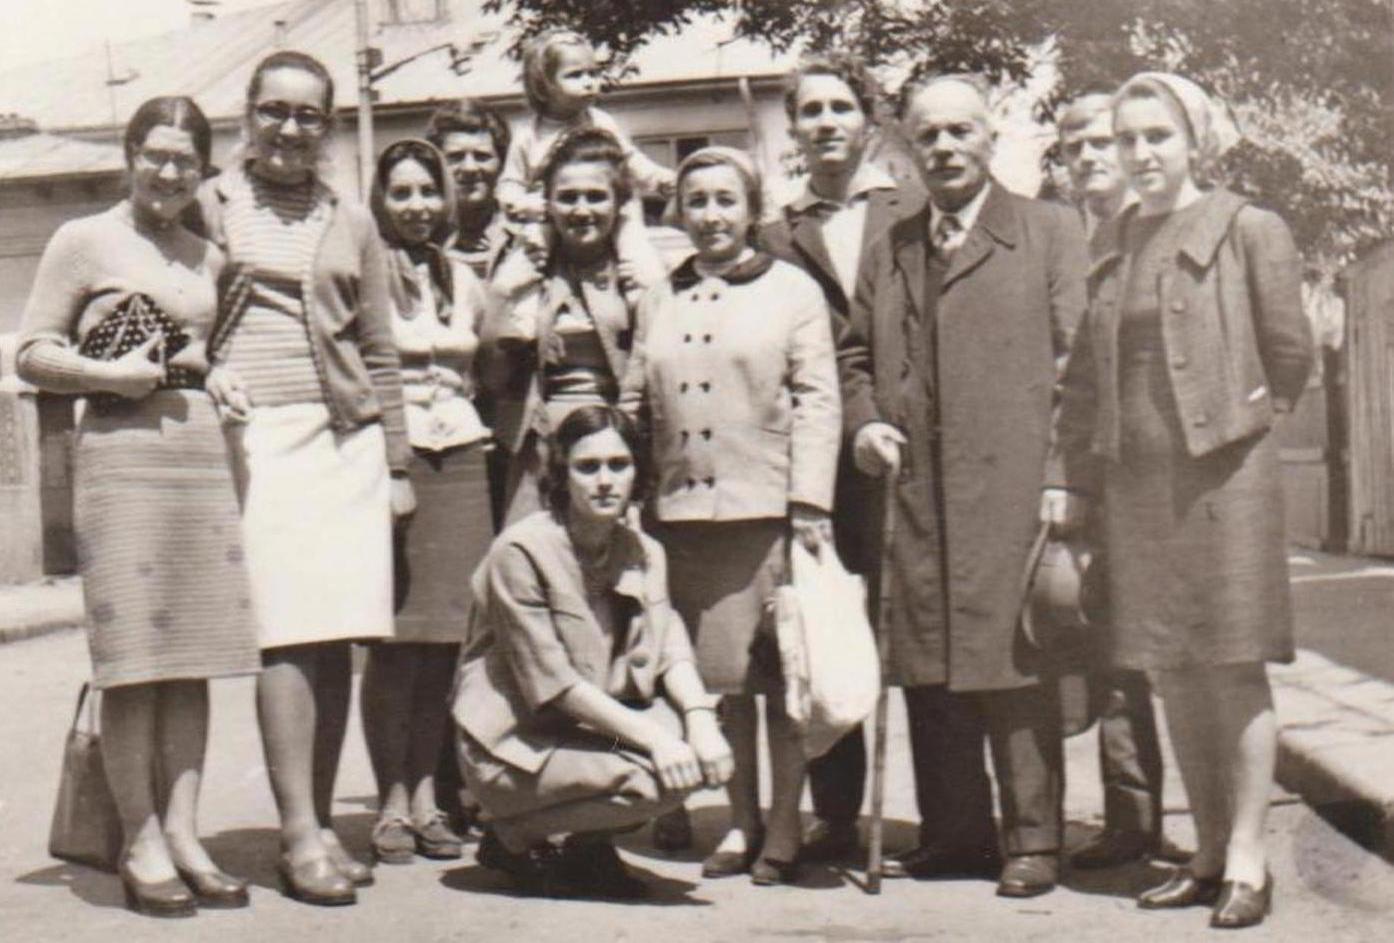 GHEORGHE OPREA TEODORESCU (1895-1982) SI CATIVA TINERI AI VECHII BISERICI CRESTINE DUPA EVANGHELIE DRAGOS VODA DIN BUCURESTI